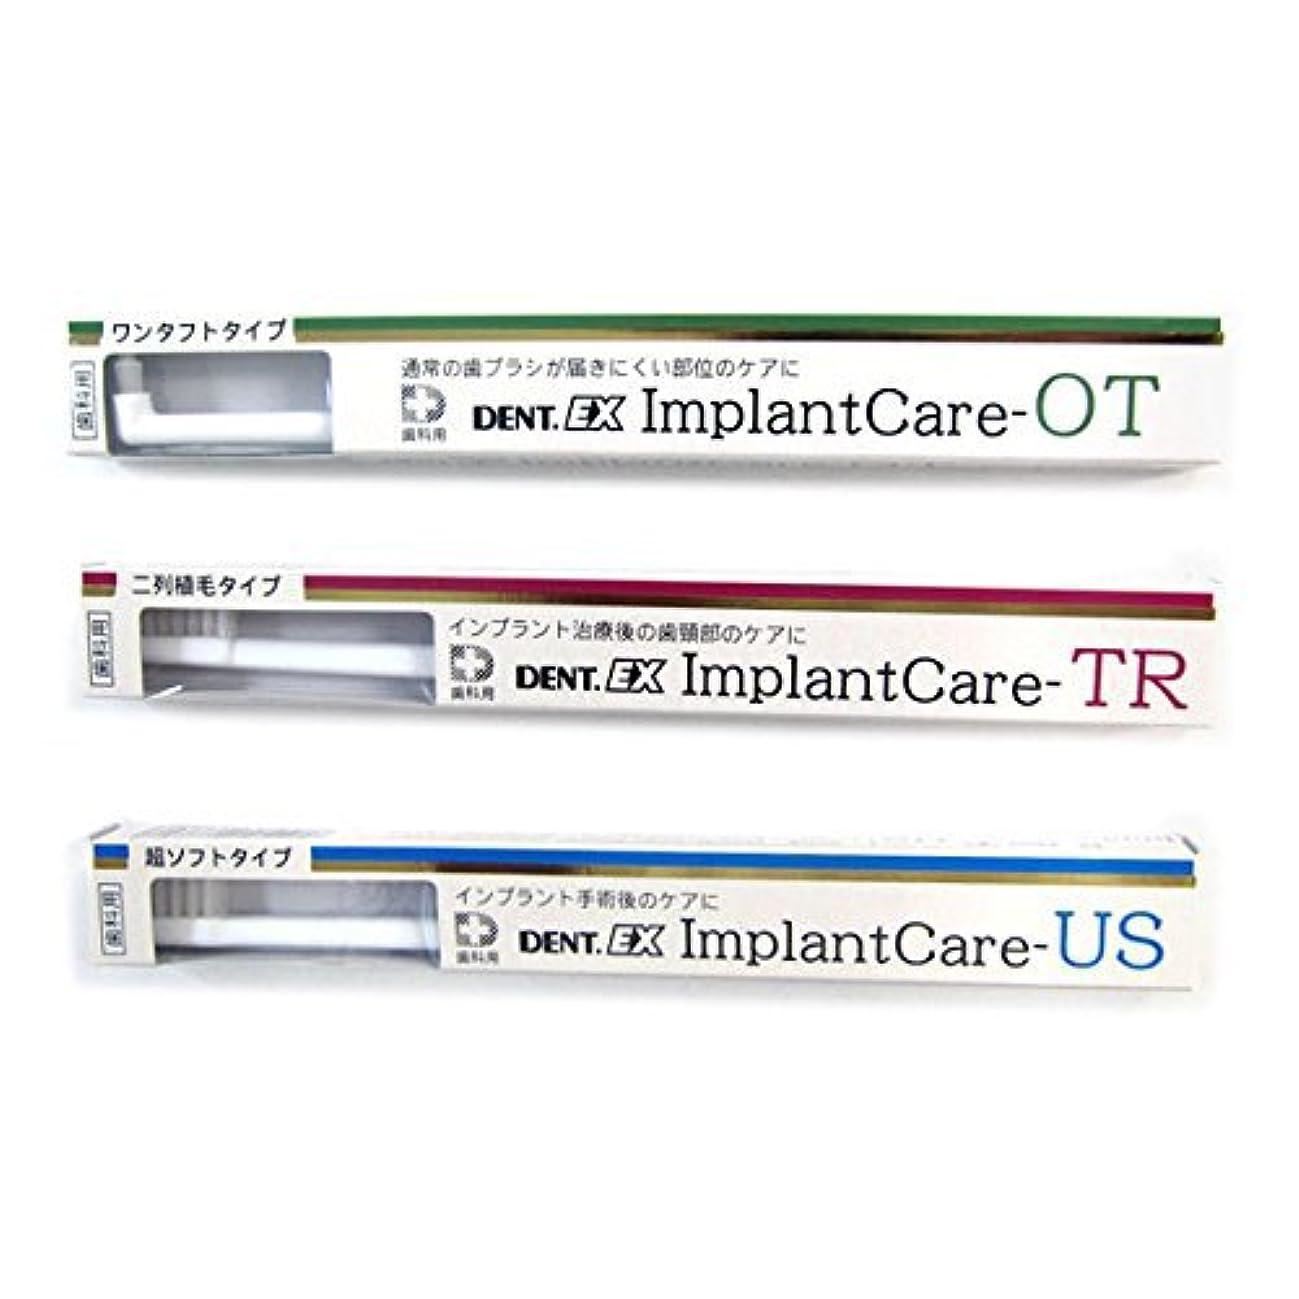 に変わるリボンサーカスデント DENT EX ImplantCare インプラントケア 単品 OT(ワンタフト)